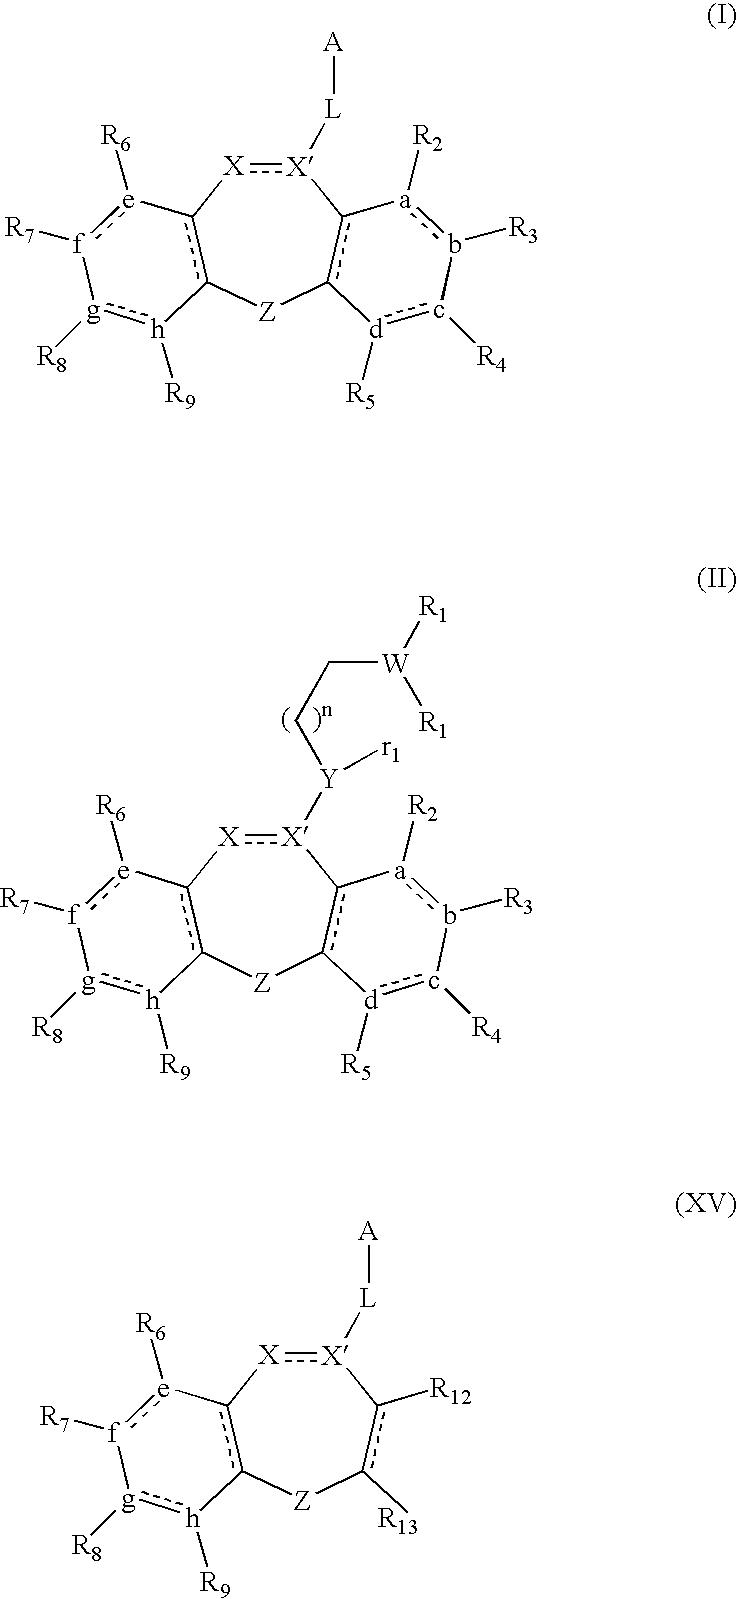 Figure US20060252744A1-20061109-C00212